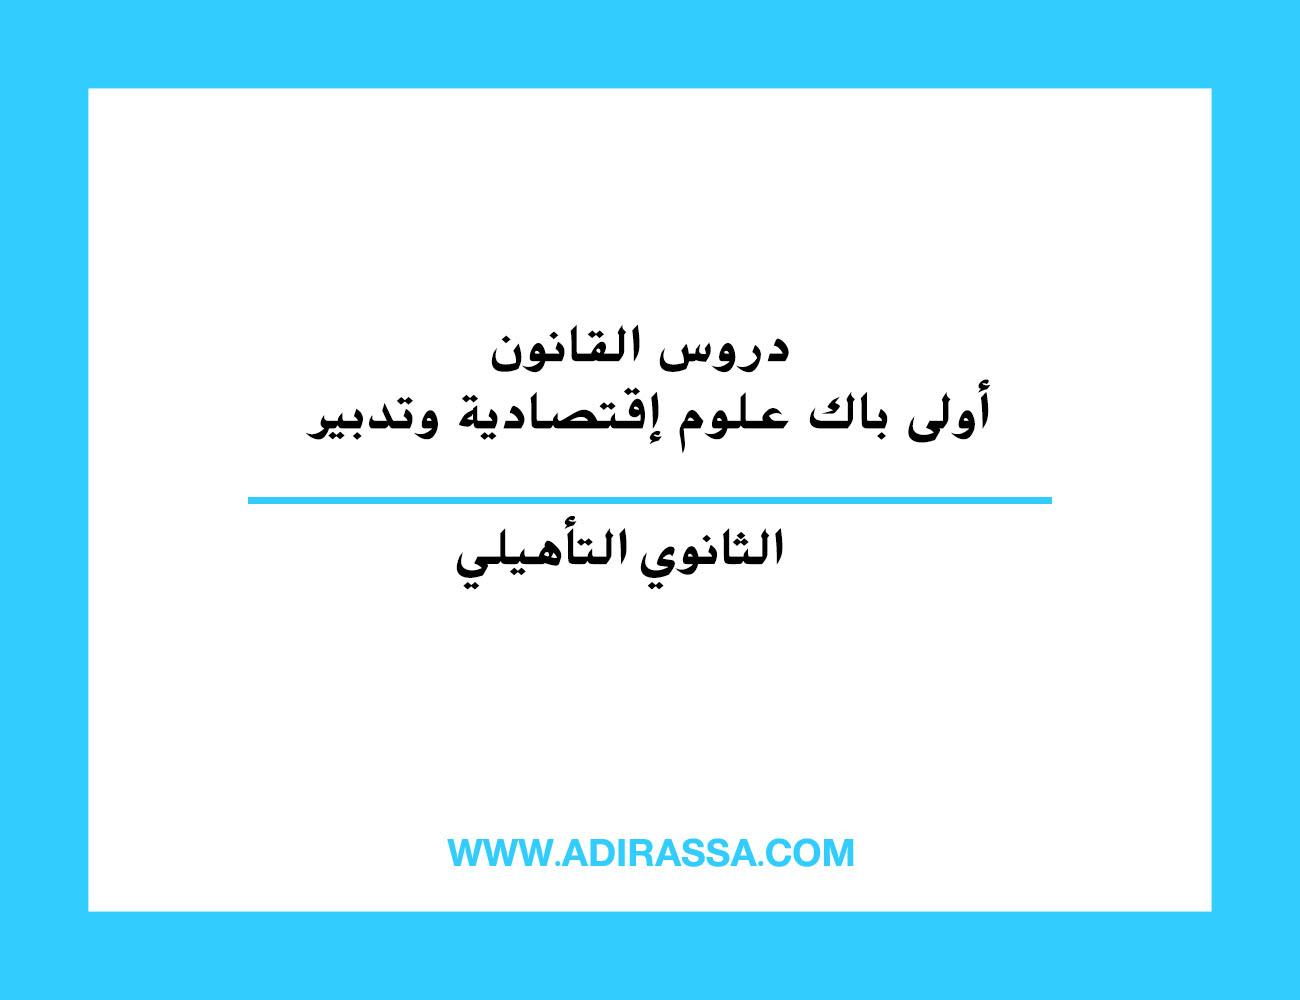 دروس القانون أولى باكالوريا علوم إقتصادية المقررة بالمدرسة المغربية